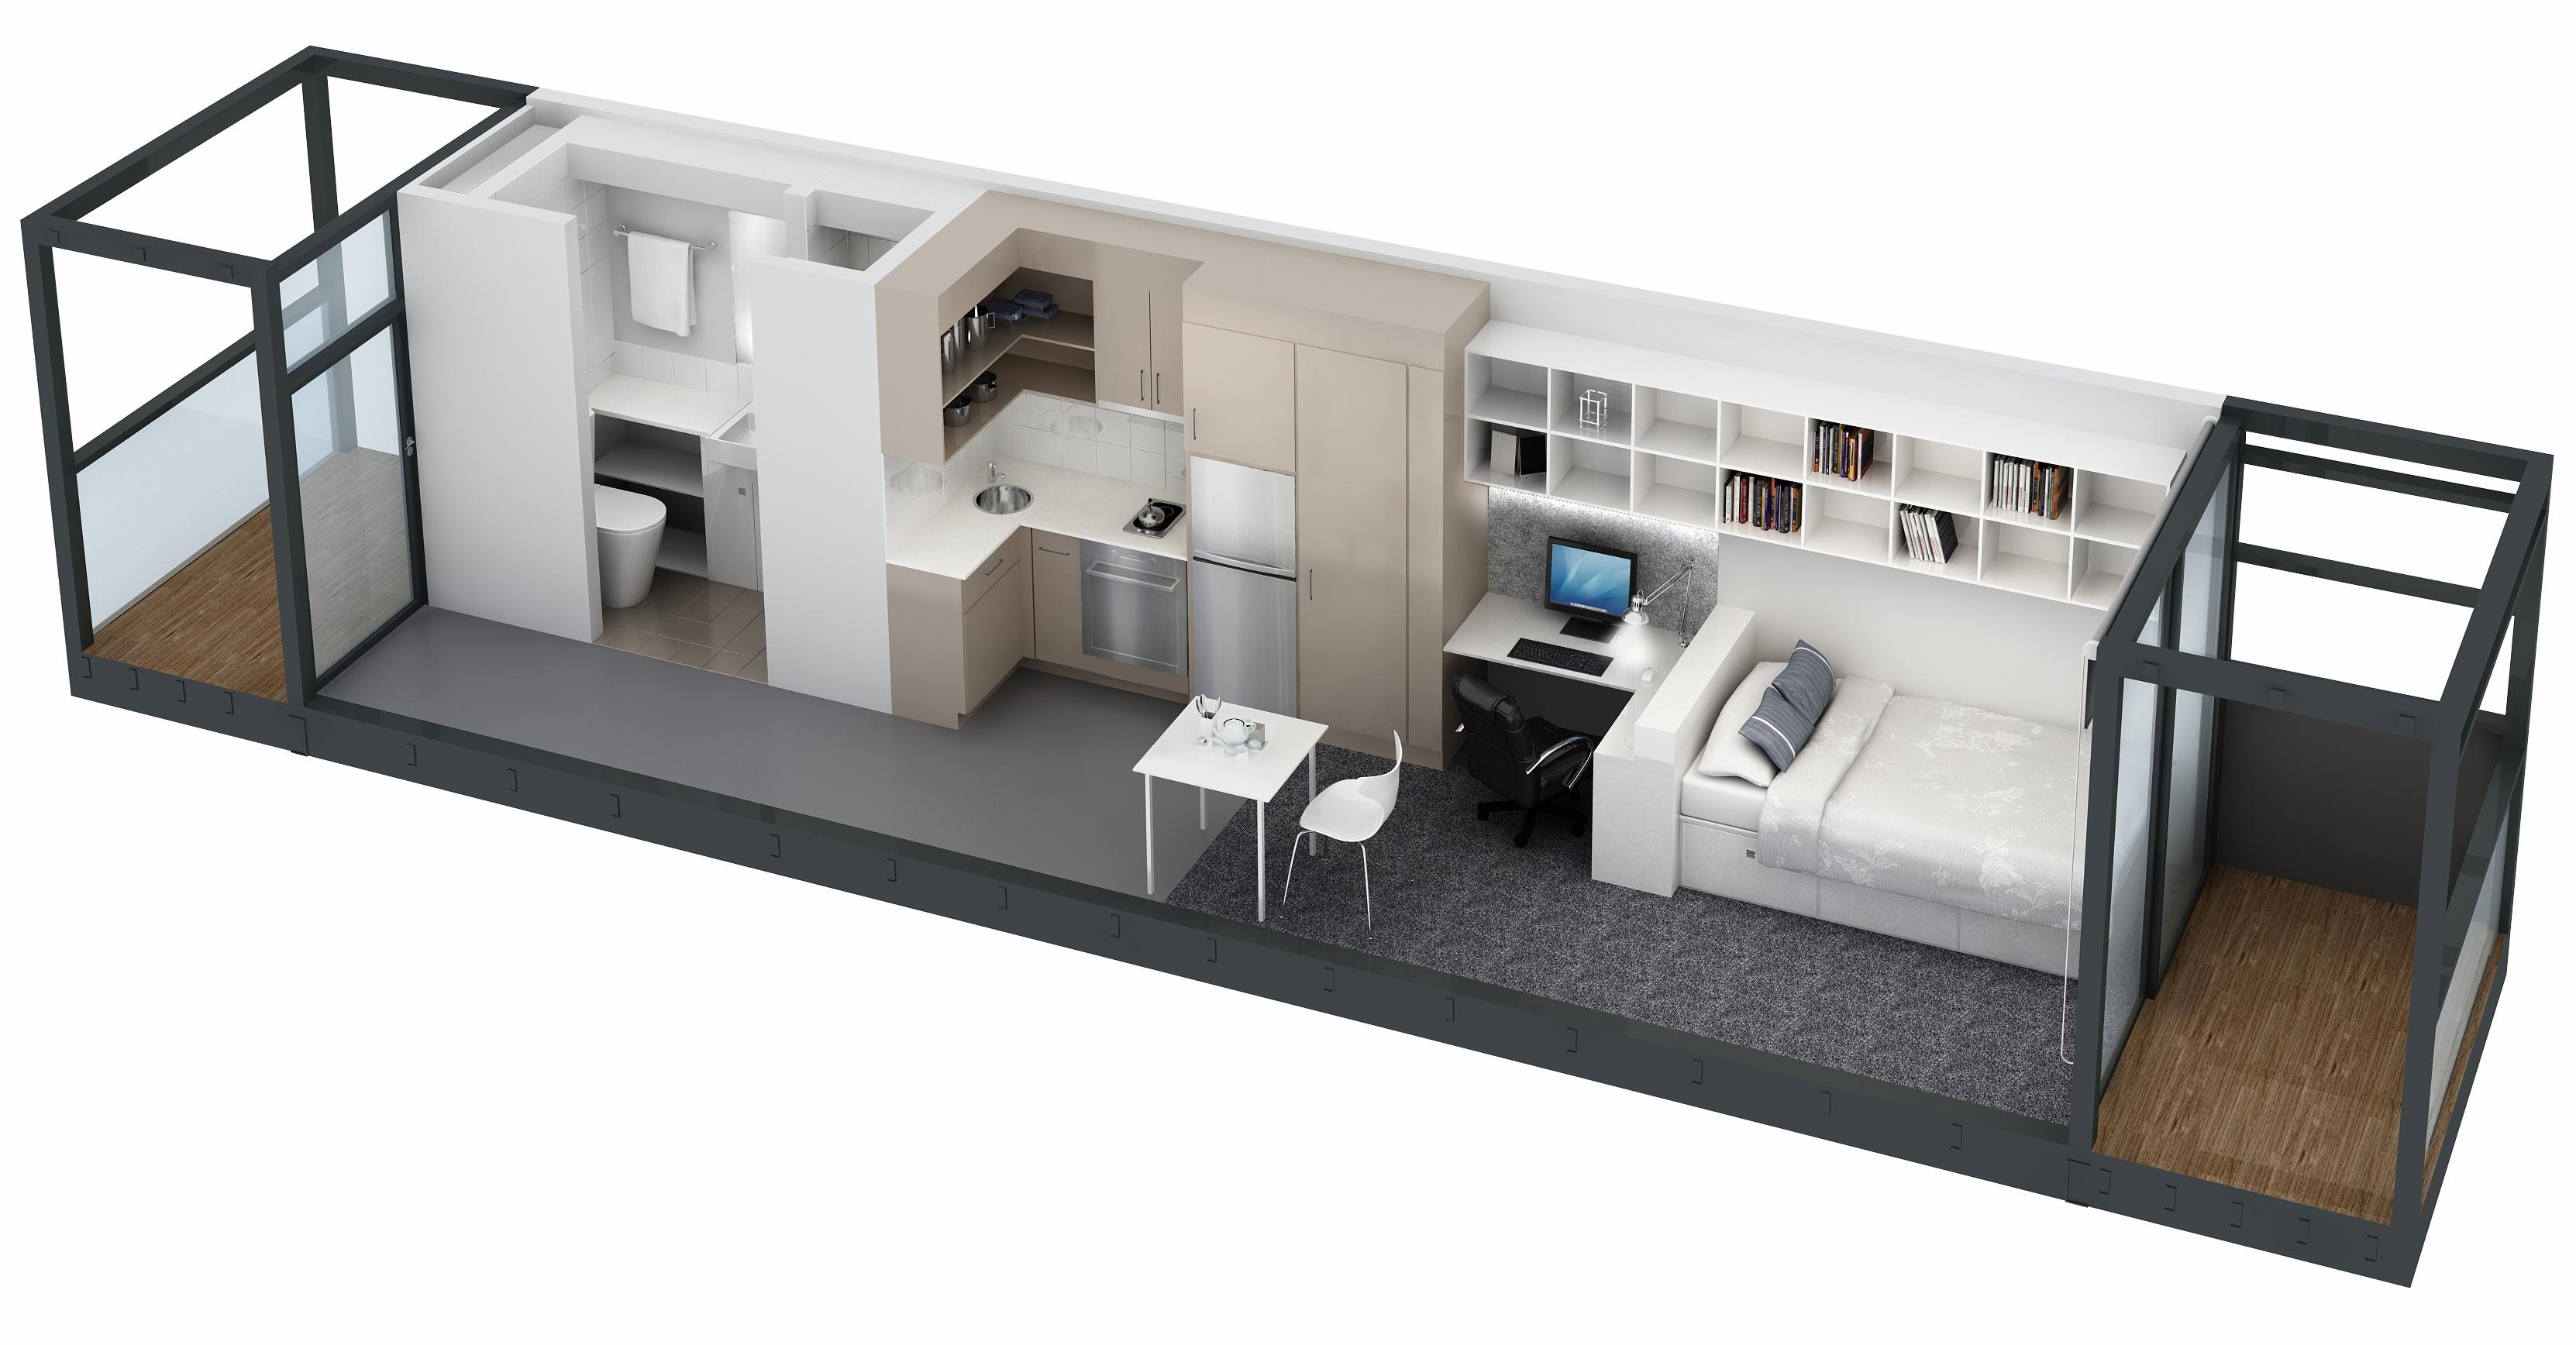 ANU Modular Student Accommodation (Source: ANU)